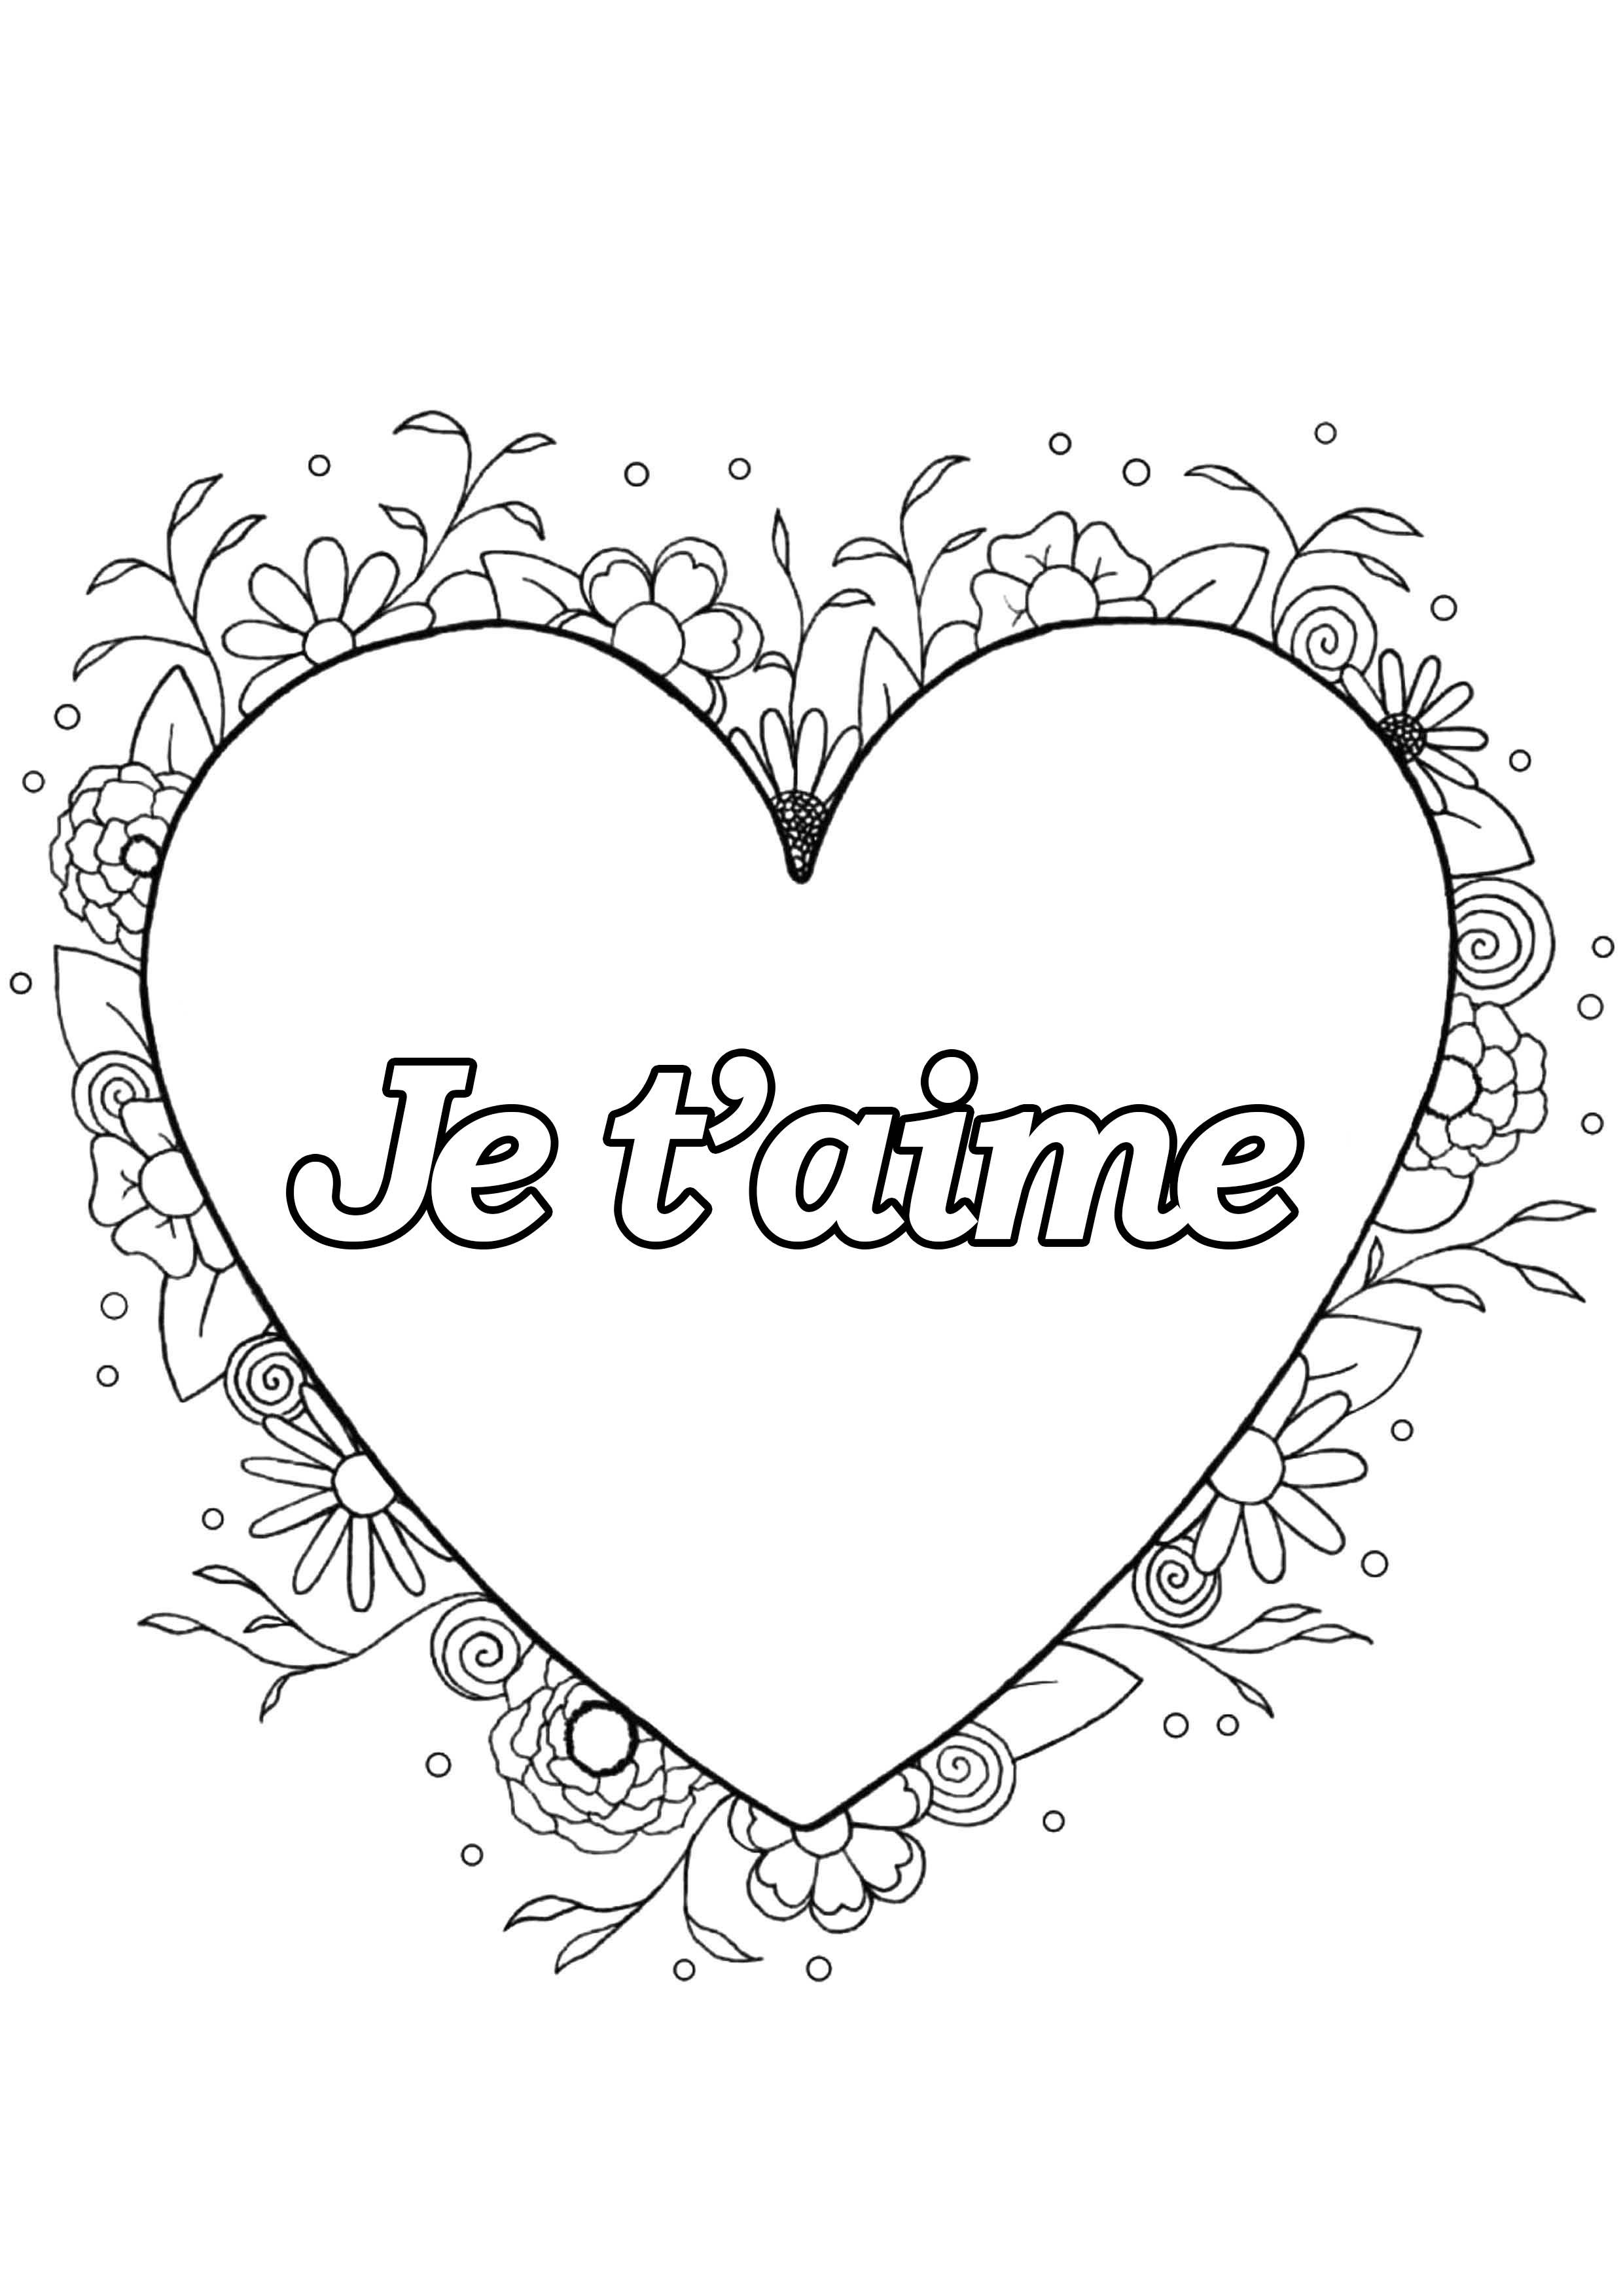 Saint Valentin 4 - Saint Valentin - Coloriages Difficiles dedans Coloriage De St Valentin